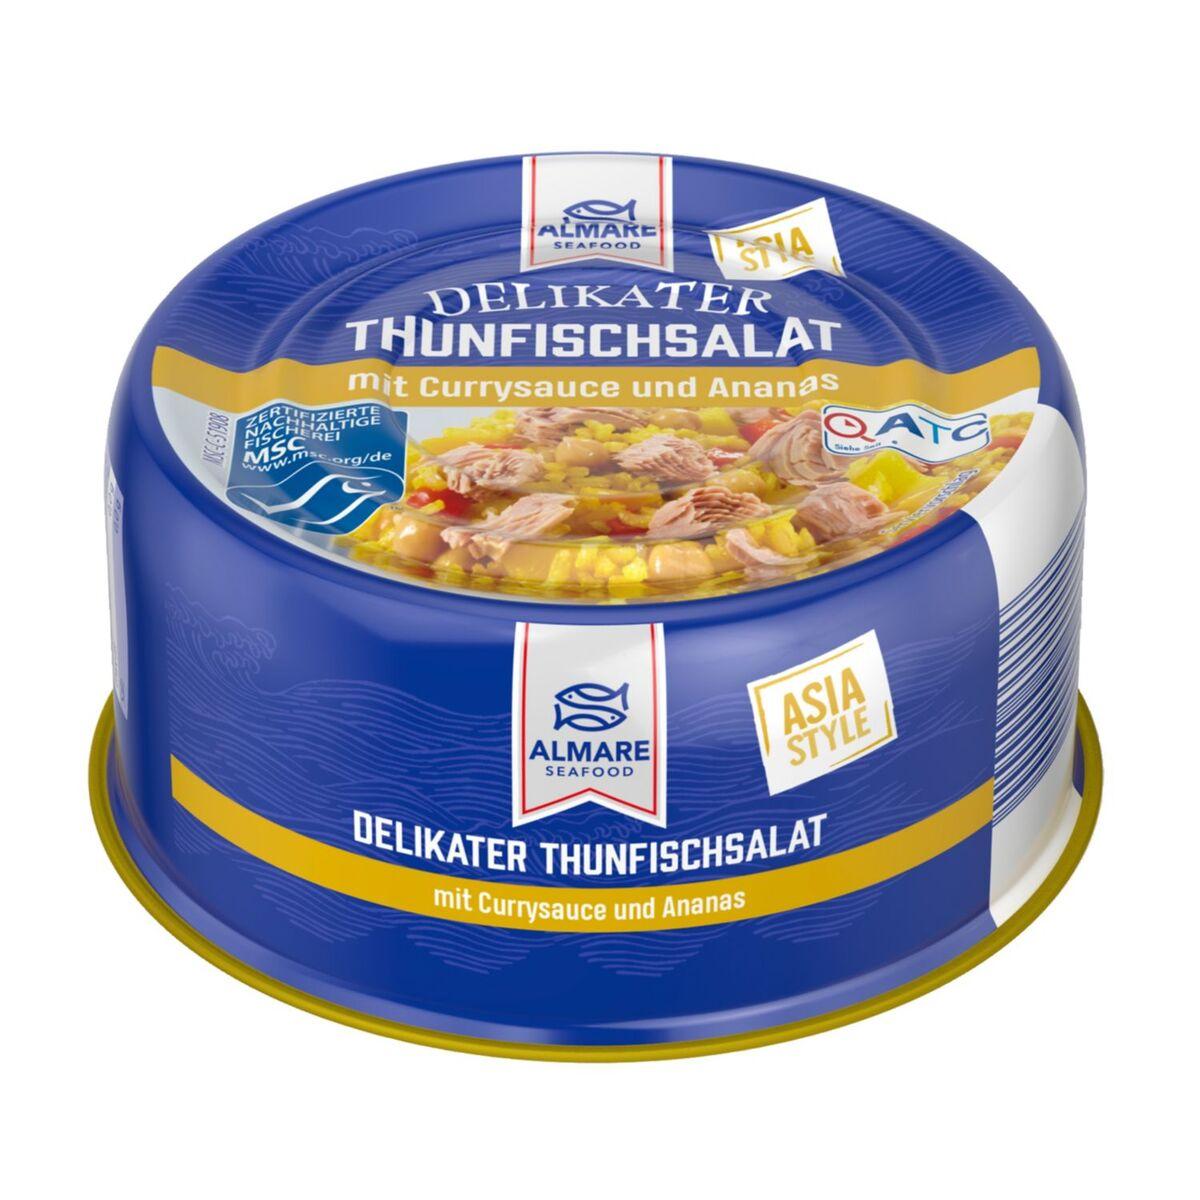 Bild 1 von ALMARE Thunfischsalat Asia Style 280 g